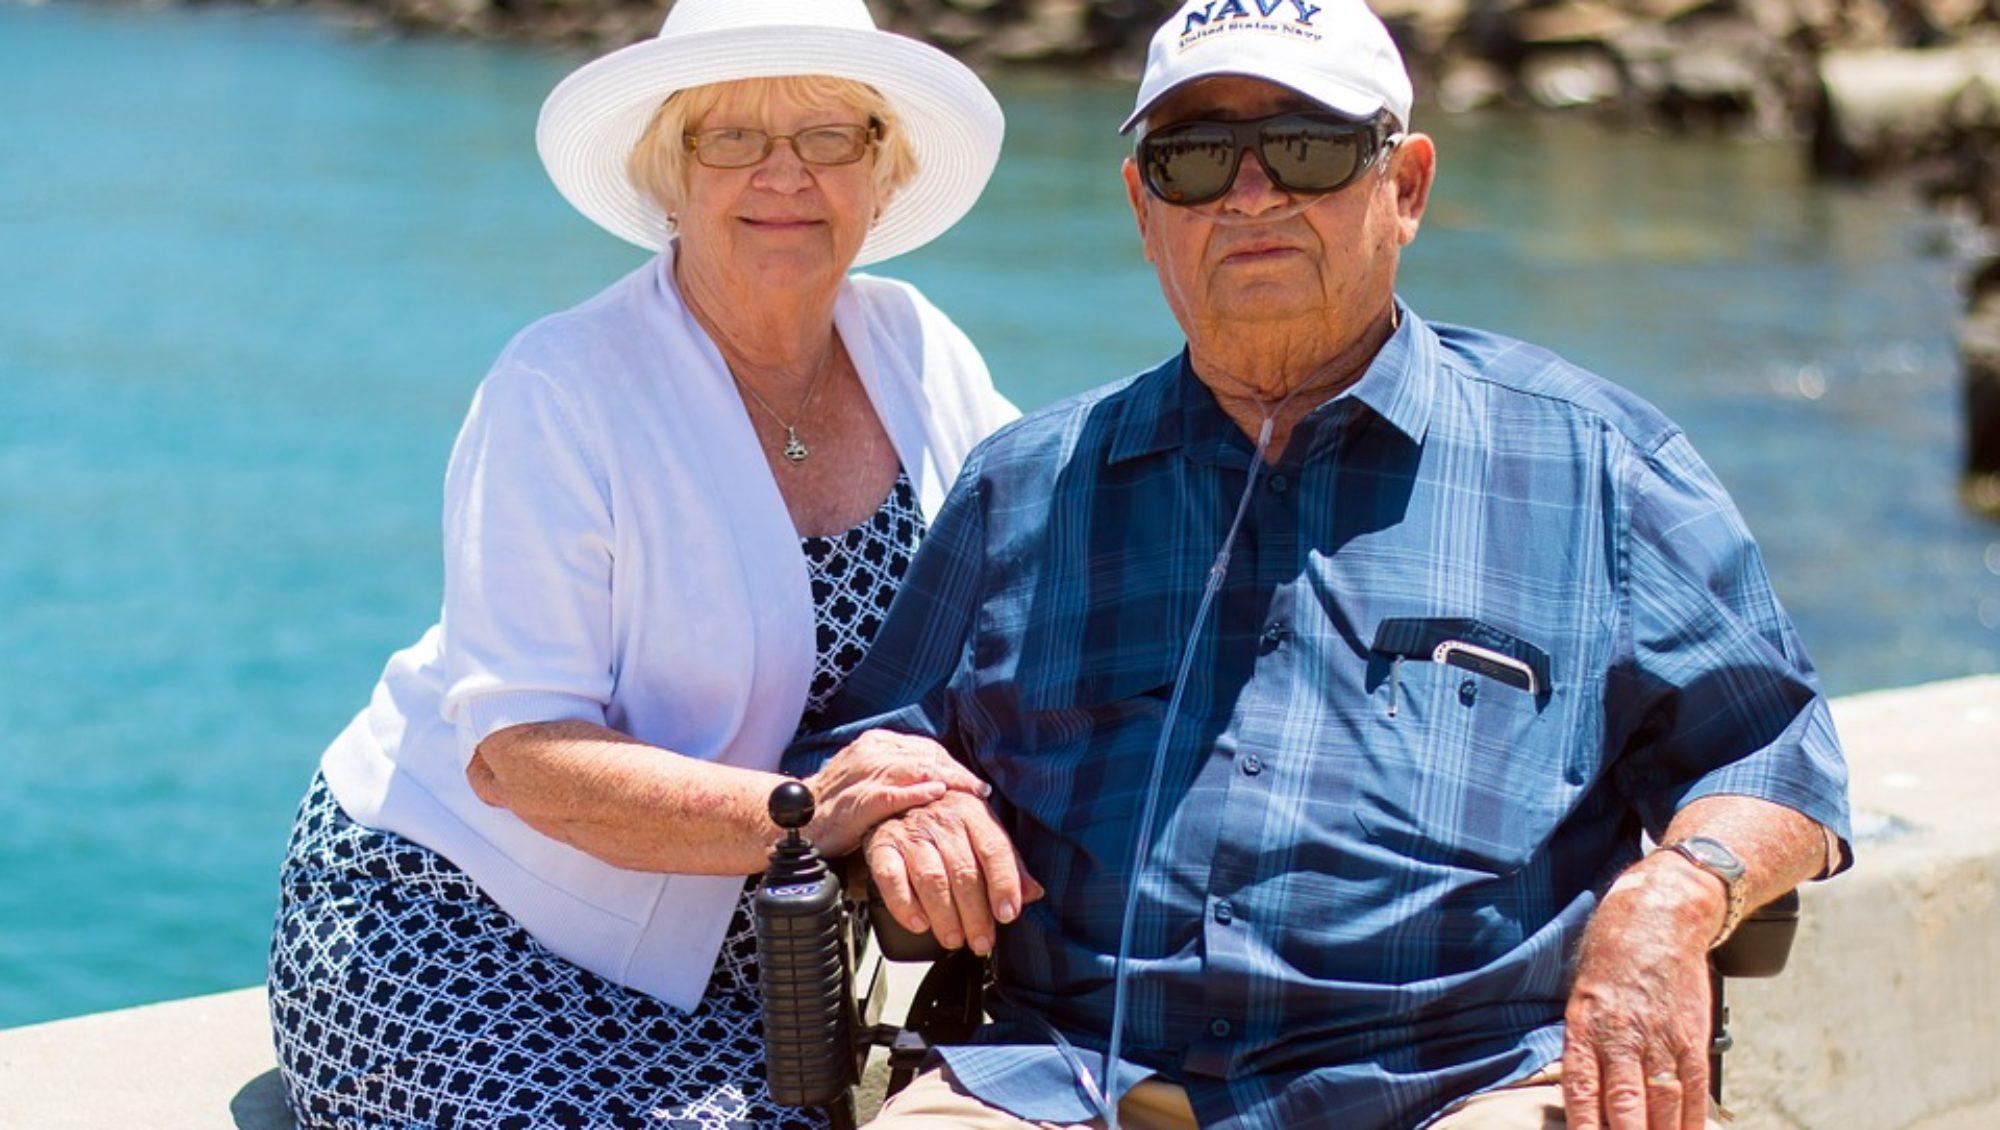 Antecedentes familiares-medicina bariátrica-IMOBariatrica